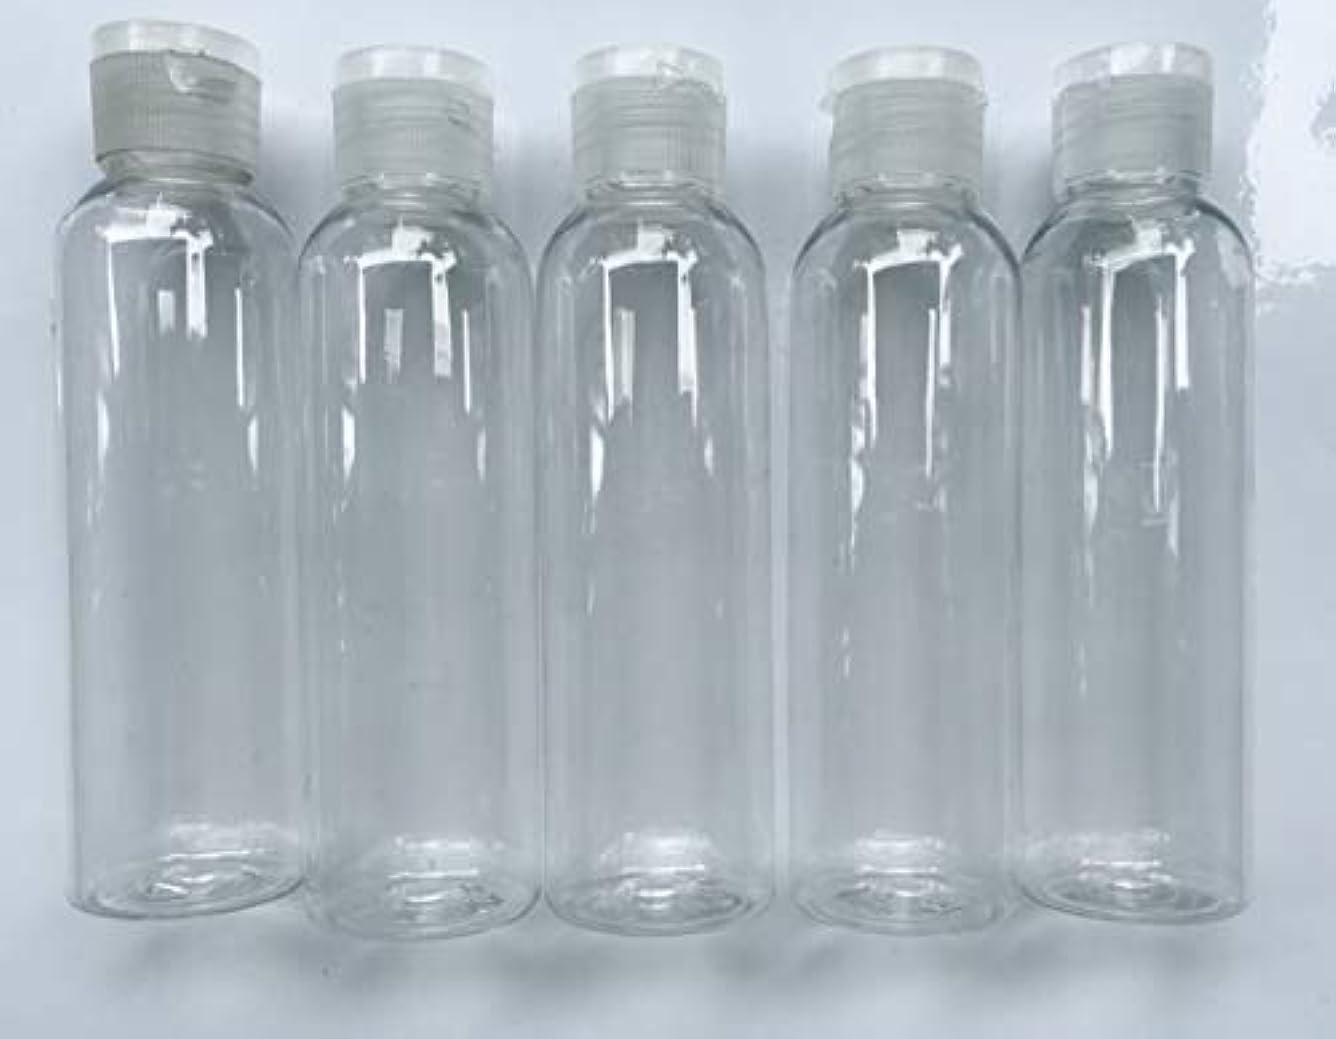 コールドメッセージ入場旅行用 透明詰め替え容器150ml (クリア)携帯用トラベルボトル5本セット/シャンプー、化粧水、ローション、乳液などの基礎化粧品や調味料入れに